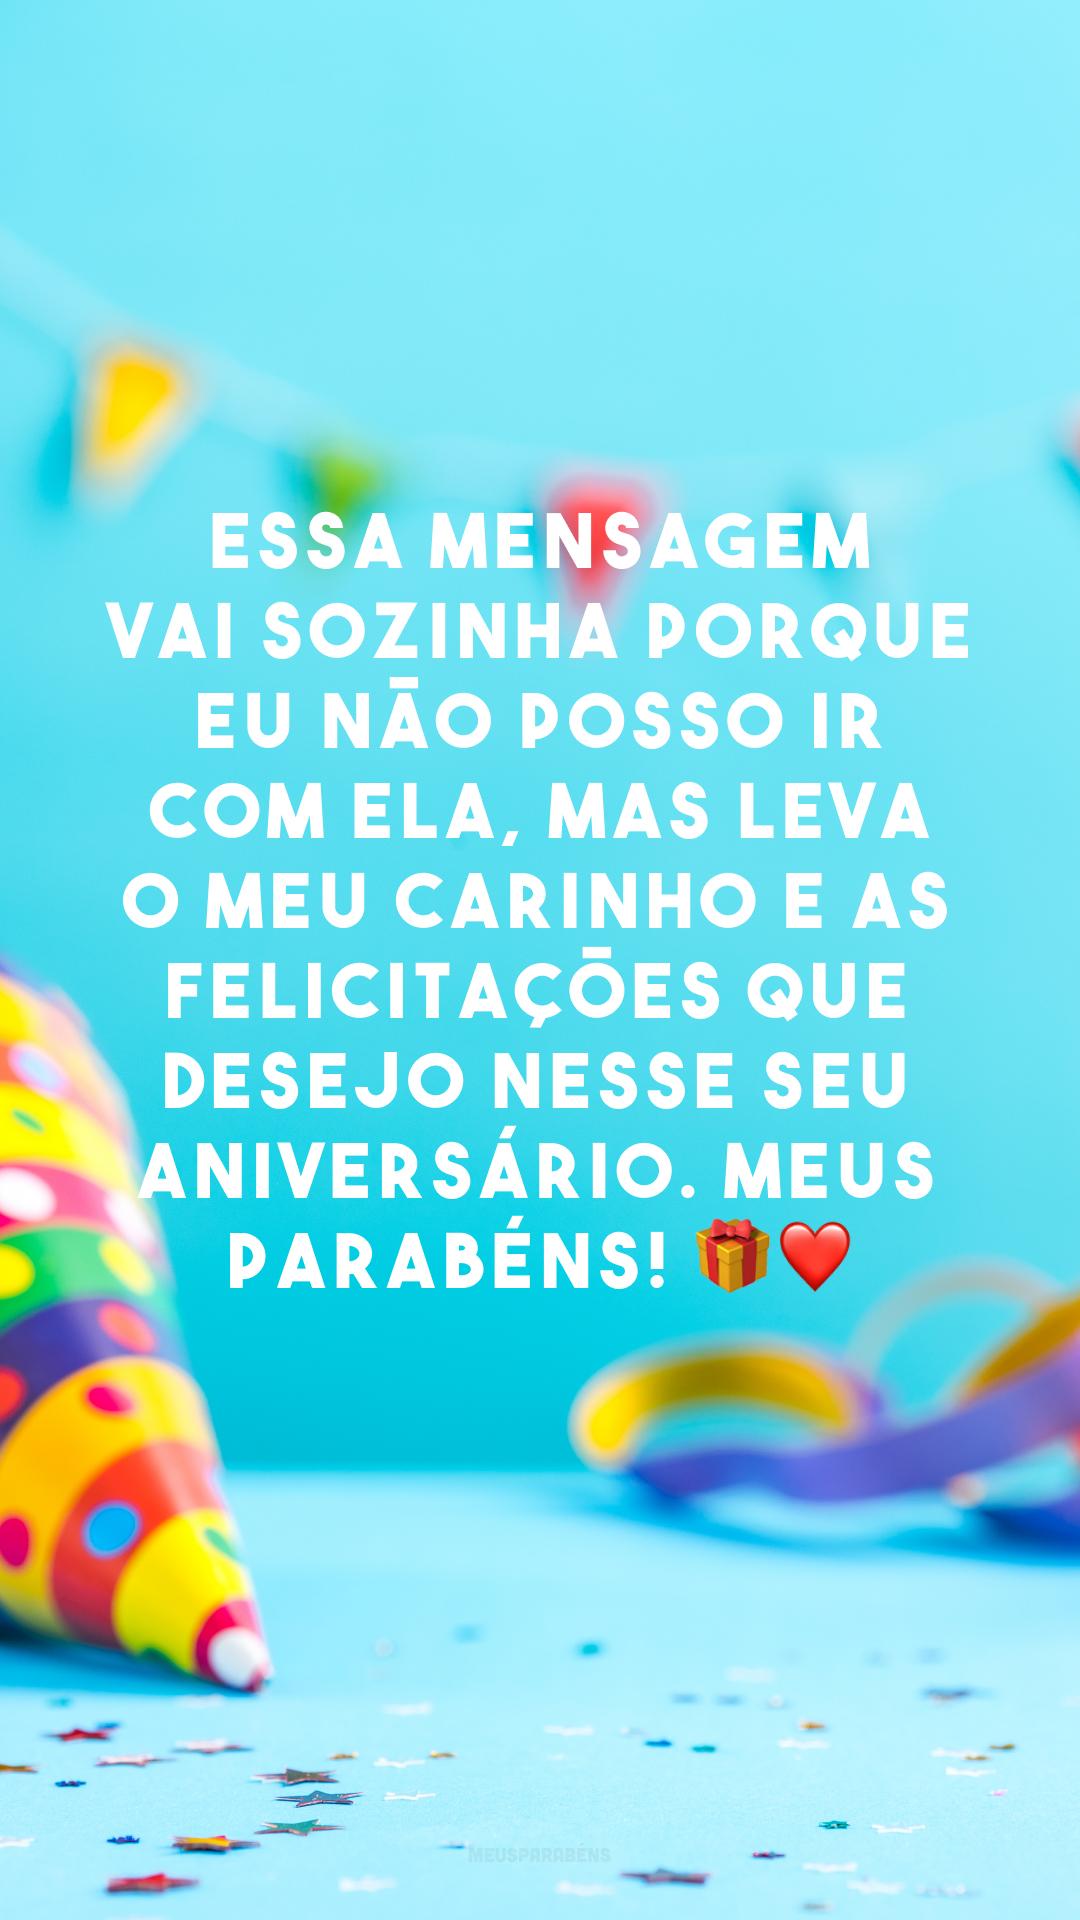 Essa mensagem vai sozinha porque eu não posso ir com ela, mas leva o meu carinho e as felicitações que desejo nesse seu aniversário. Meus parabéns! 🎁 ❤